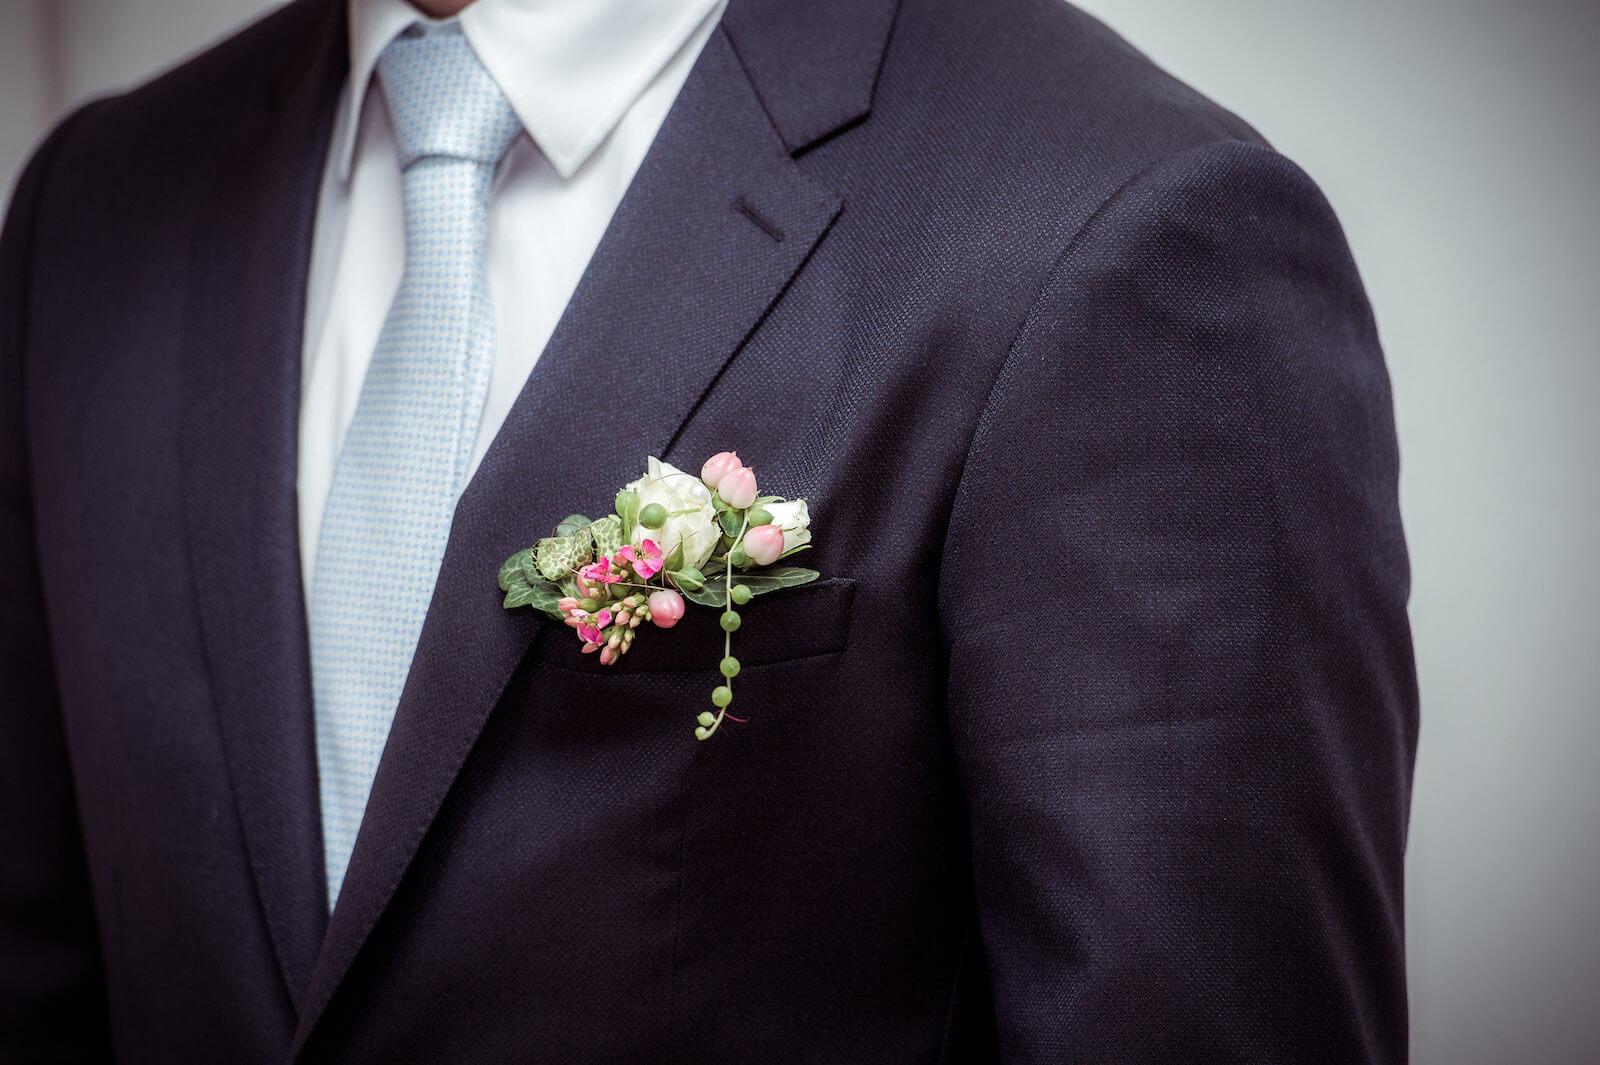 Hochzeit mit Babybauch - Bräutigam mit Blumenschmuck am Anzug